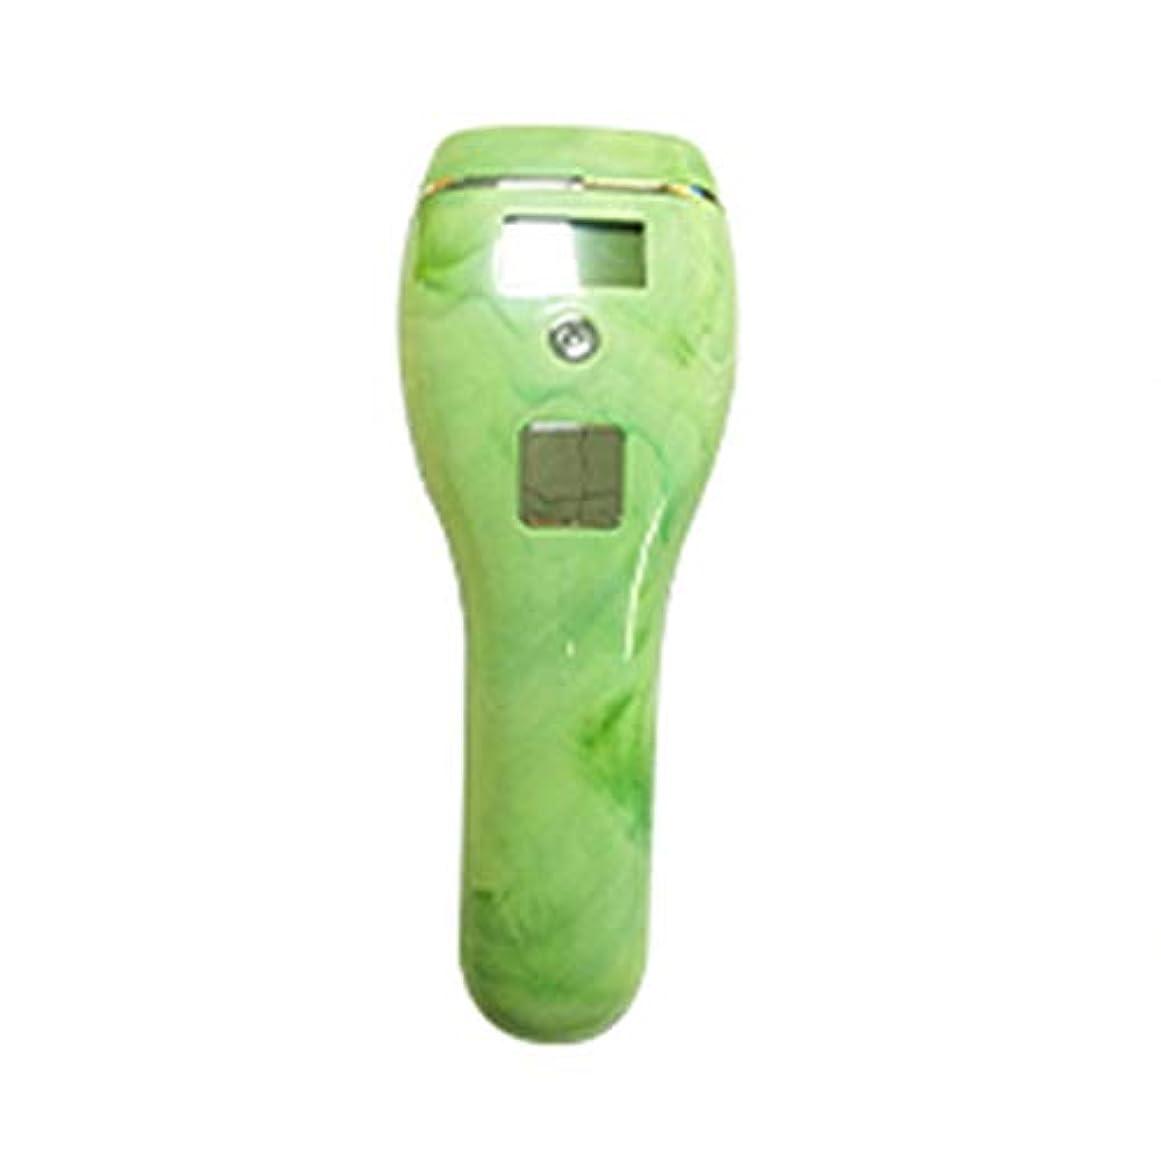 全国カーペット敷居自動肌のカラーセンシング、グリーン、5速調整、クォーツチューブ、携帯用痛みのない全身凍結乾燥用除湿器、サイズ19x7x5cm 髪以外はきれい (Color : Green)